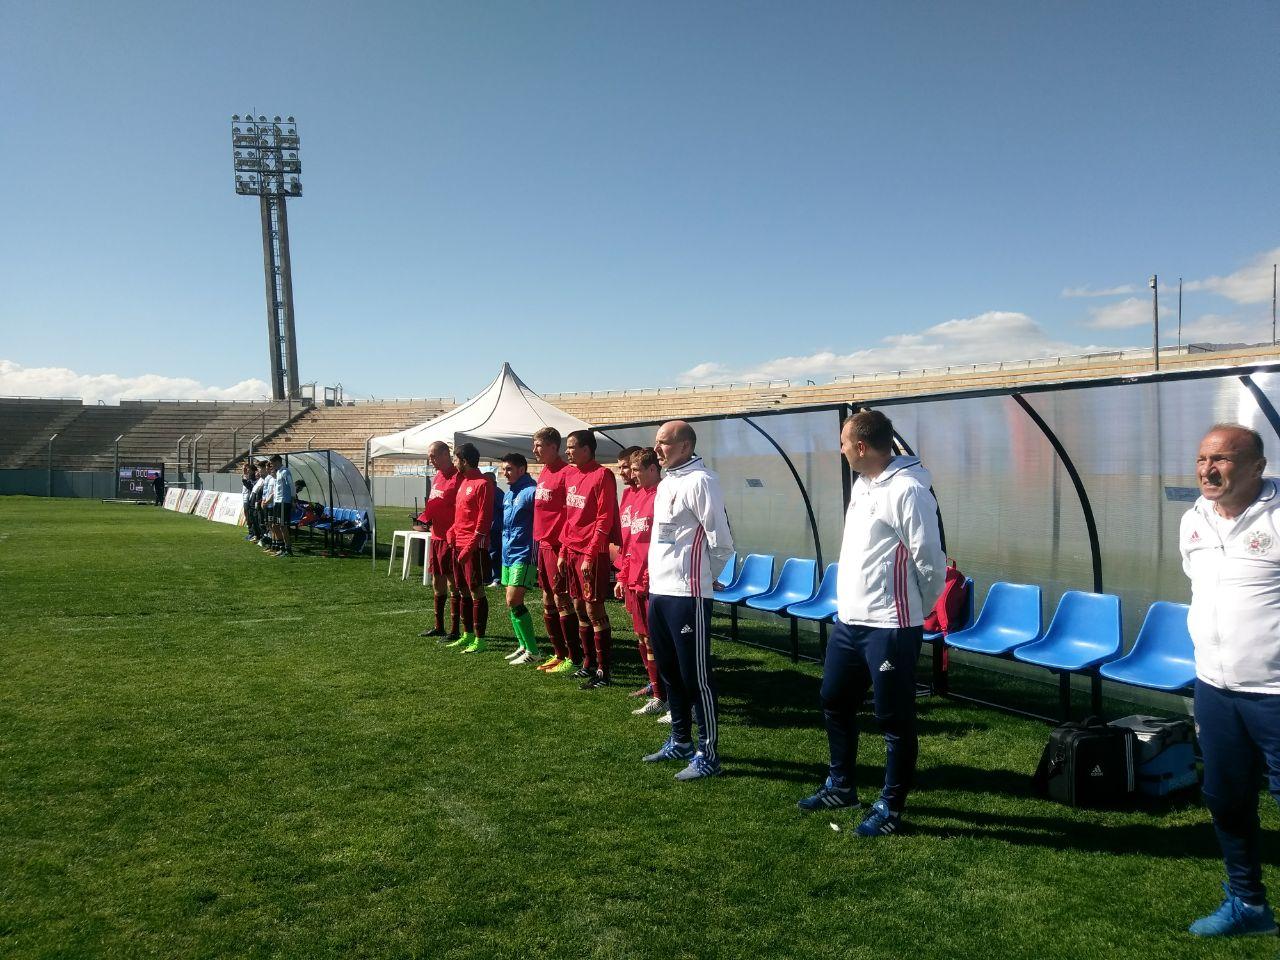 Сборная России одержала третью победу подряд и стала победителем в группе В на чемпионате мира по футболу 7х7 ЦП в Аргентине